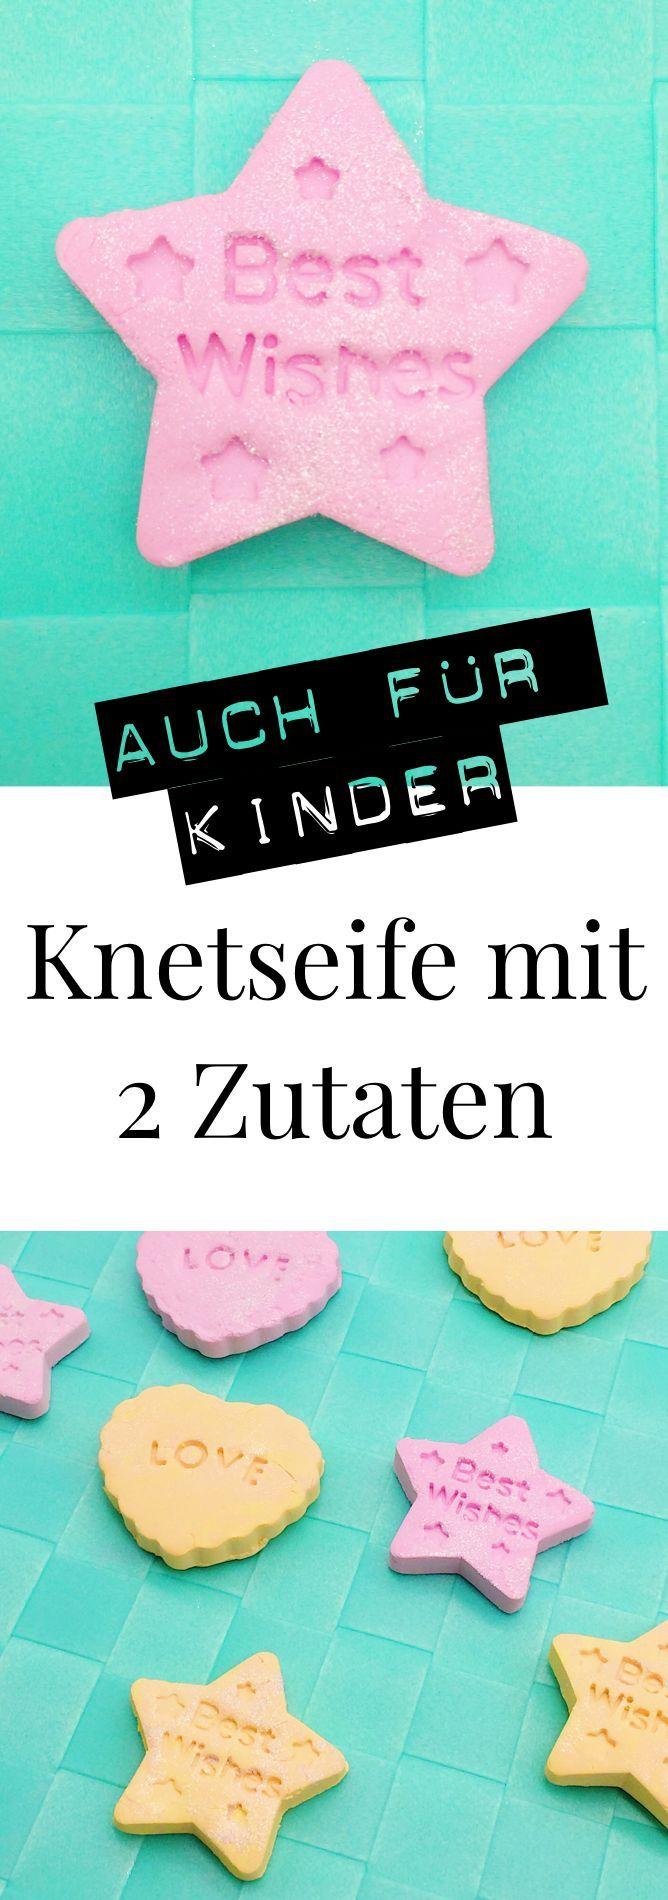 Brilliant Geschenke Basteln Mit Kindern Bastelideen Ideen Von Diy Knetseife Selber Machen: Schöne Diy Für